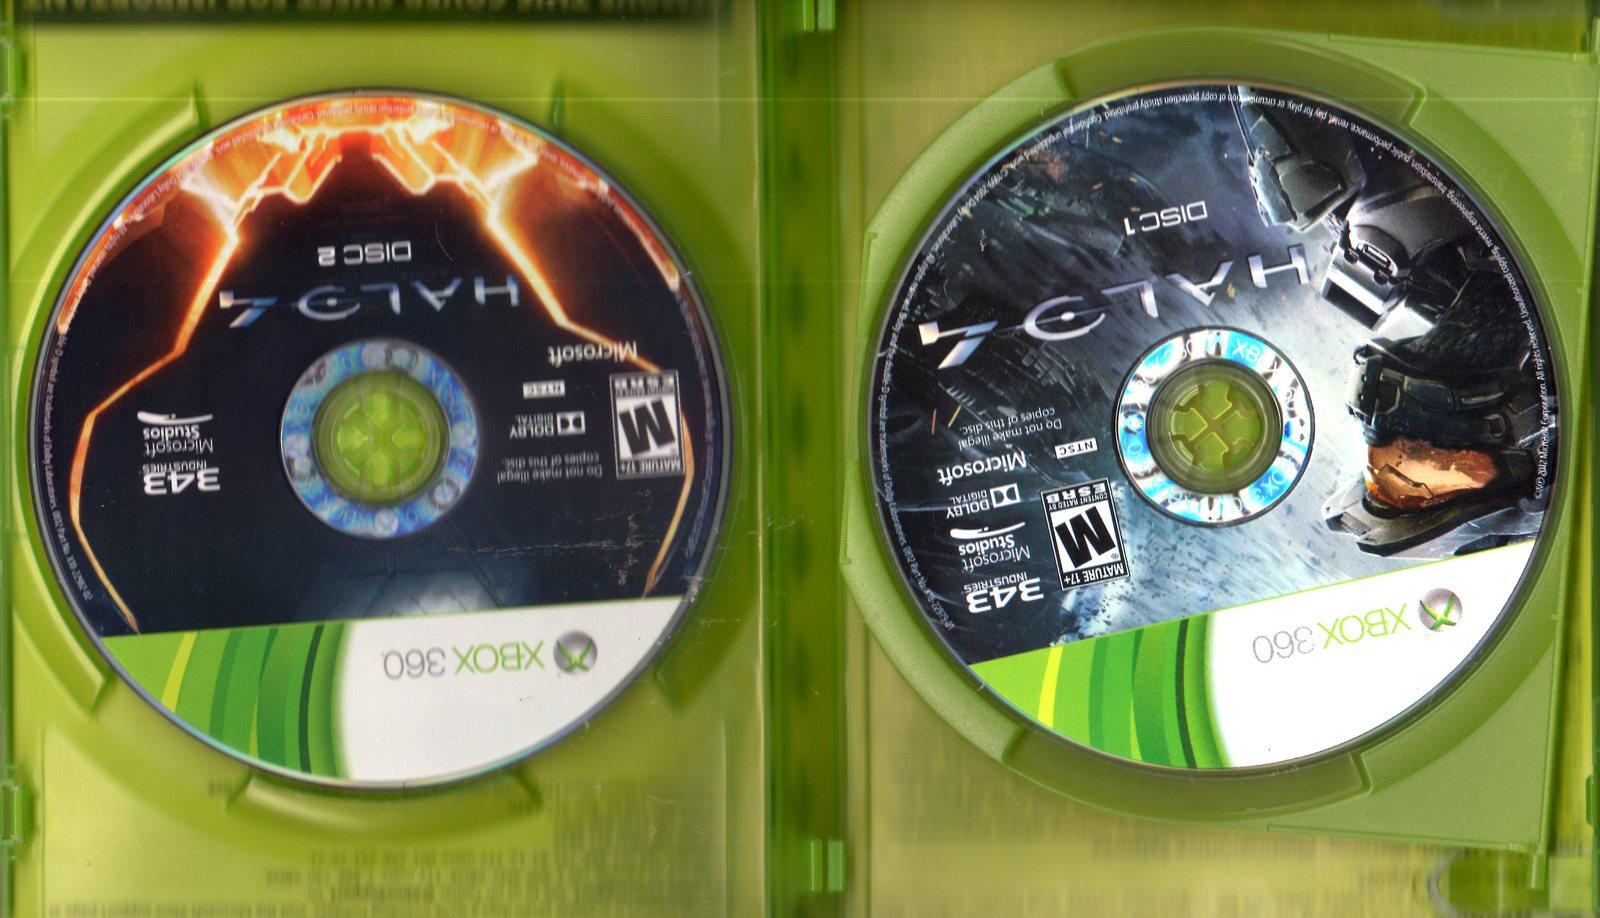 XBOX 360   HALO 4 (2 discs)